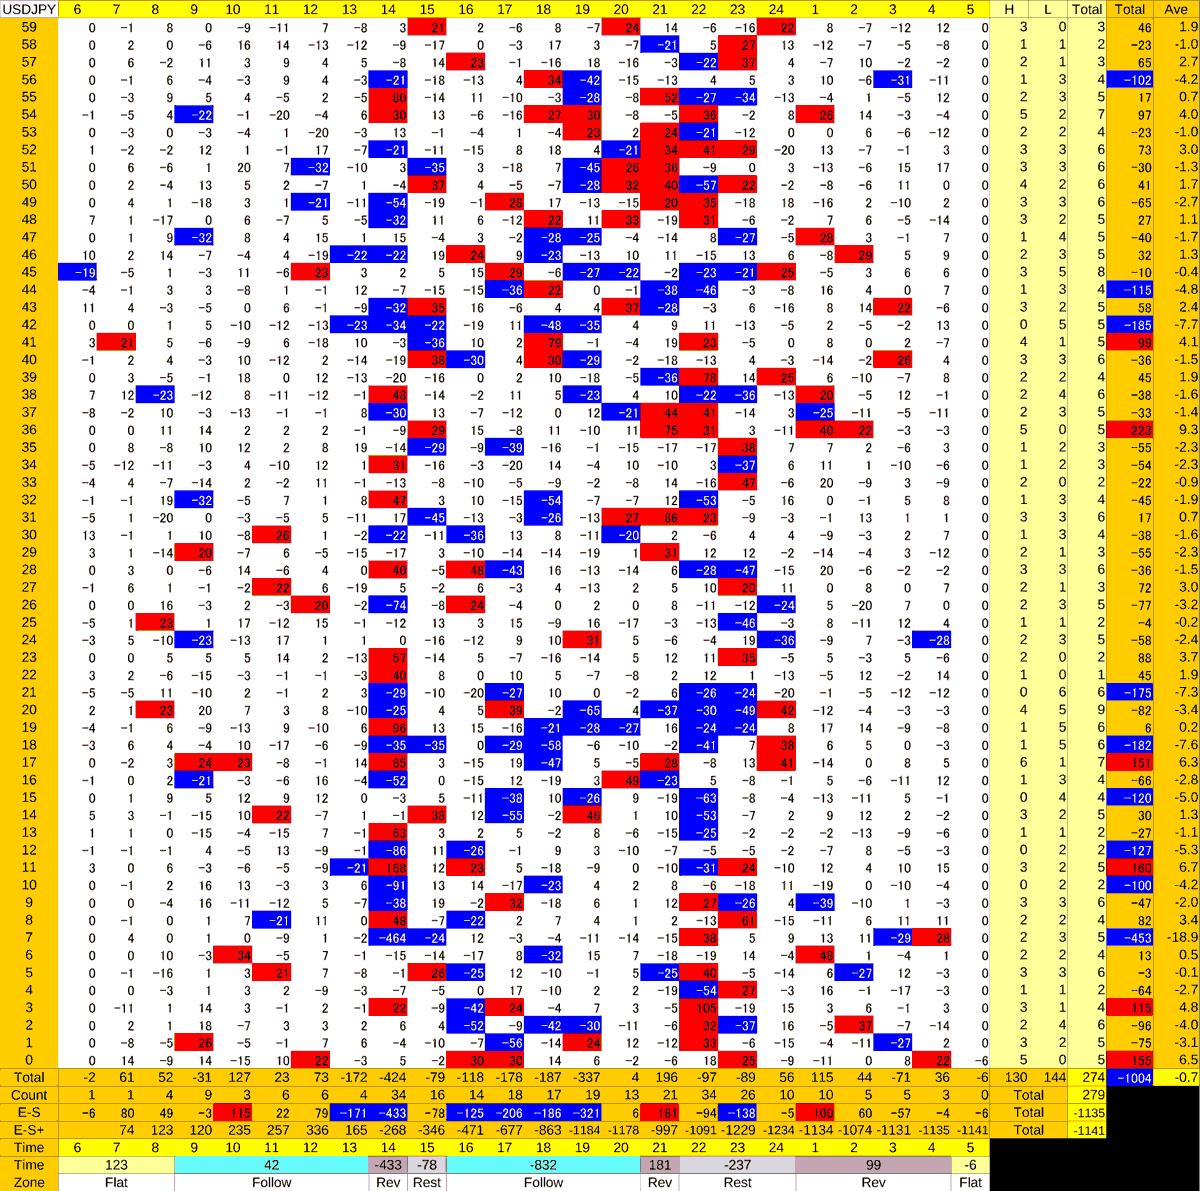 20200828_HS(1)USDJPY